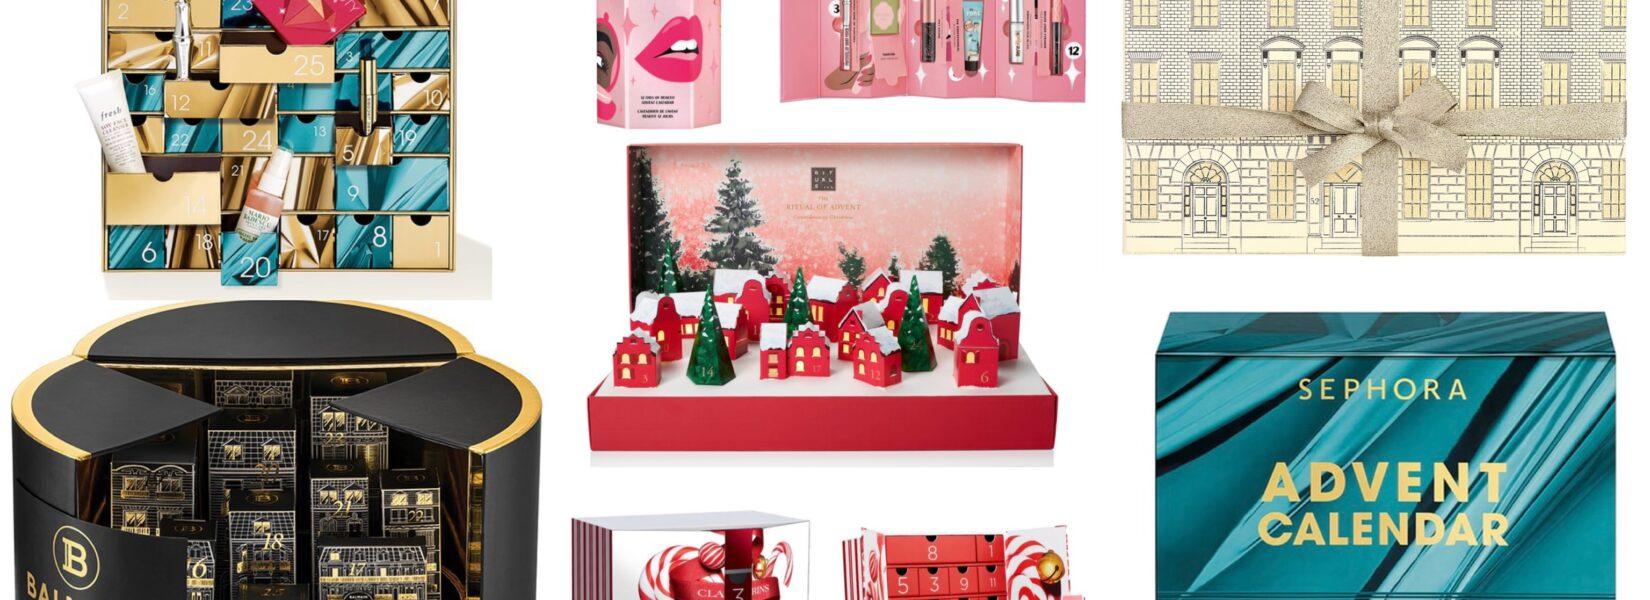 Nejkrásnější kosmetické adventní kalendáře 2020